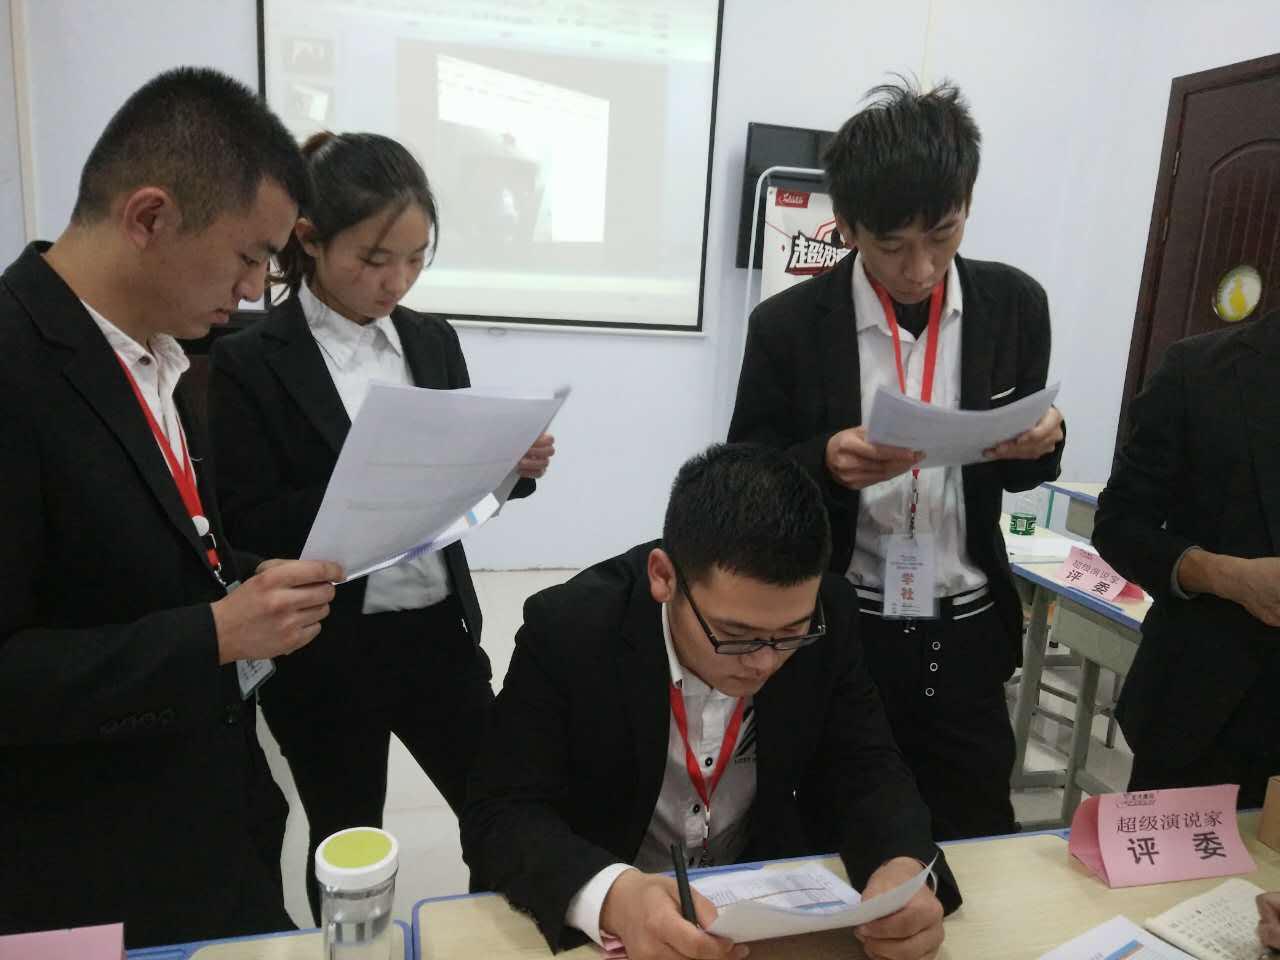 """郑州北大青鸟:""""跑步鸡""""都在用IT技术改变命运,在不抓紧就晚了"""